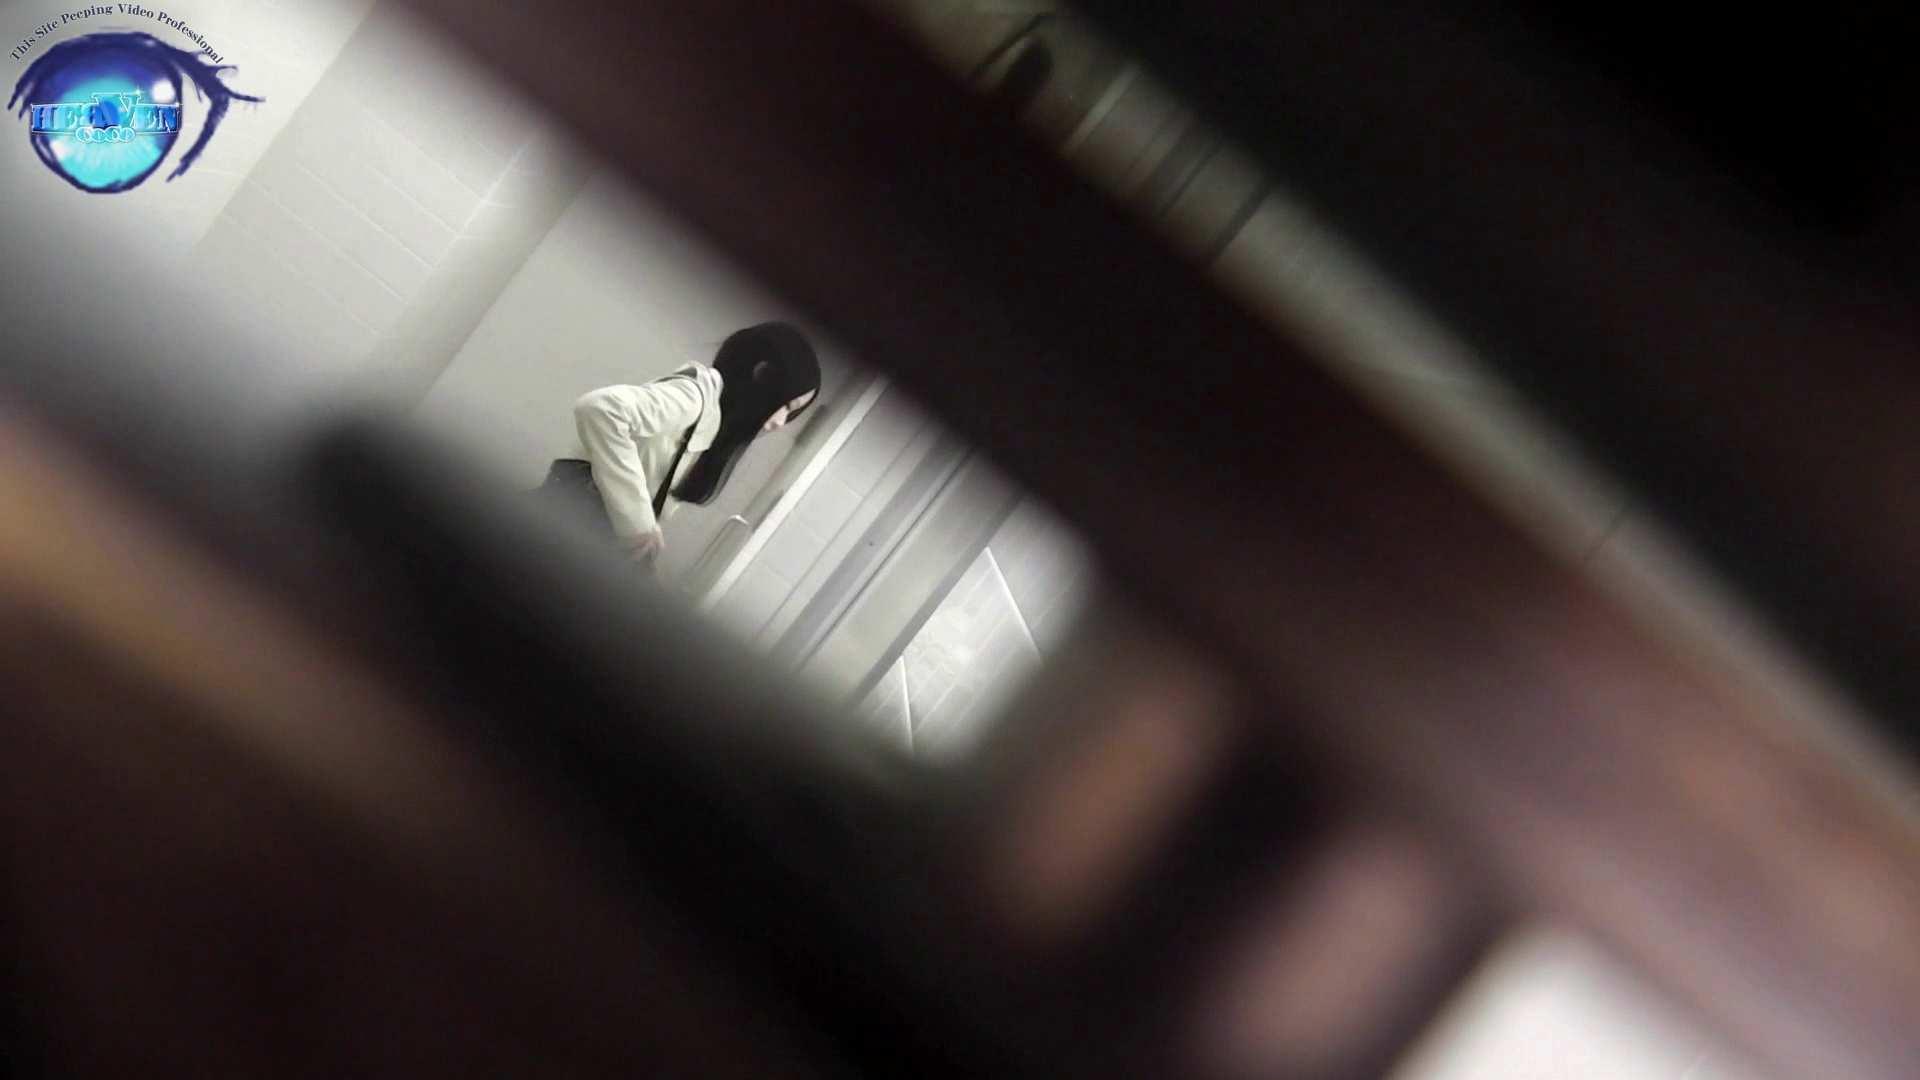 お銀さん vol.59 ピンチ!!「鏡の前で祈る女性」にばれる危機 前編 おまんこ見放題 | 盗撮シリーズ  83PIX 35